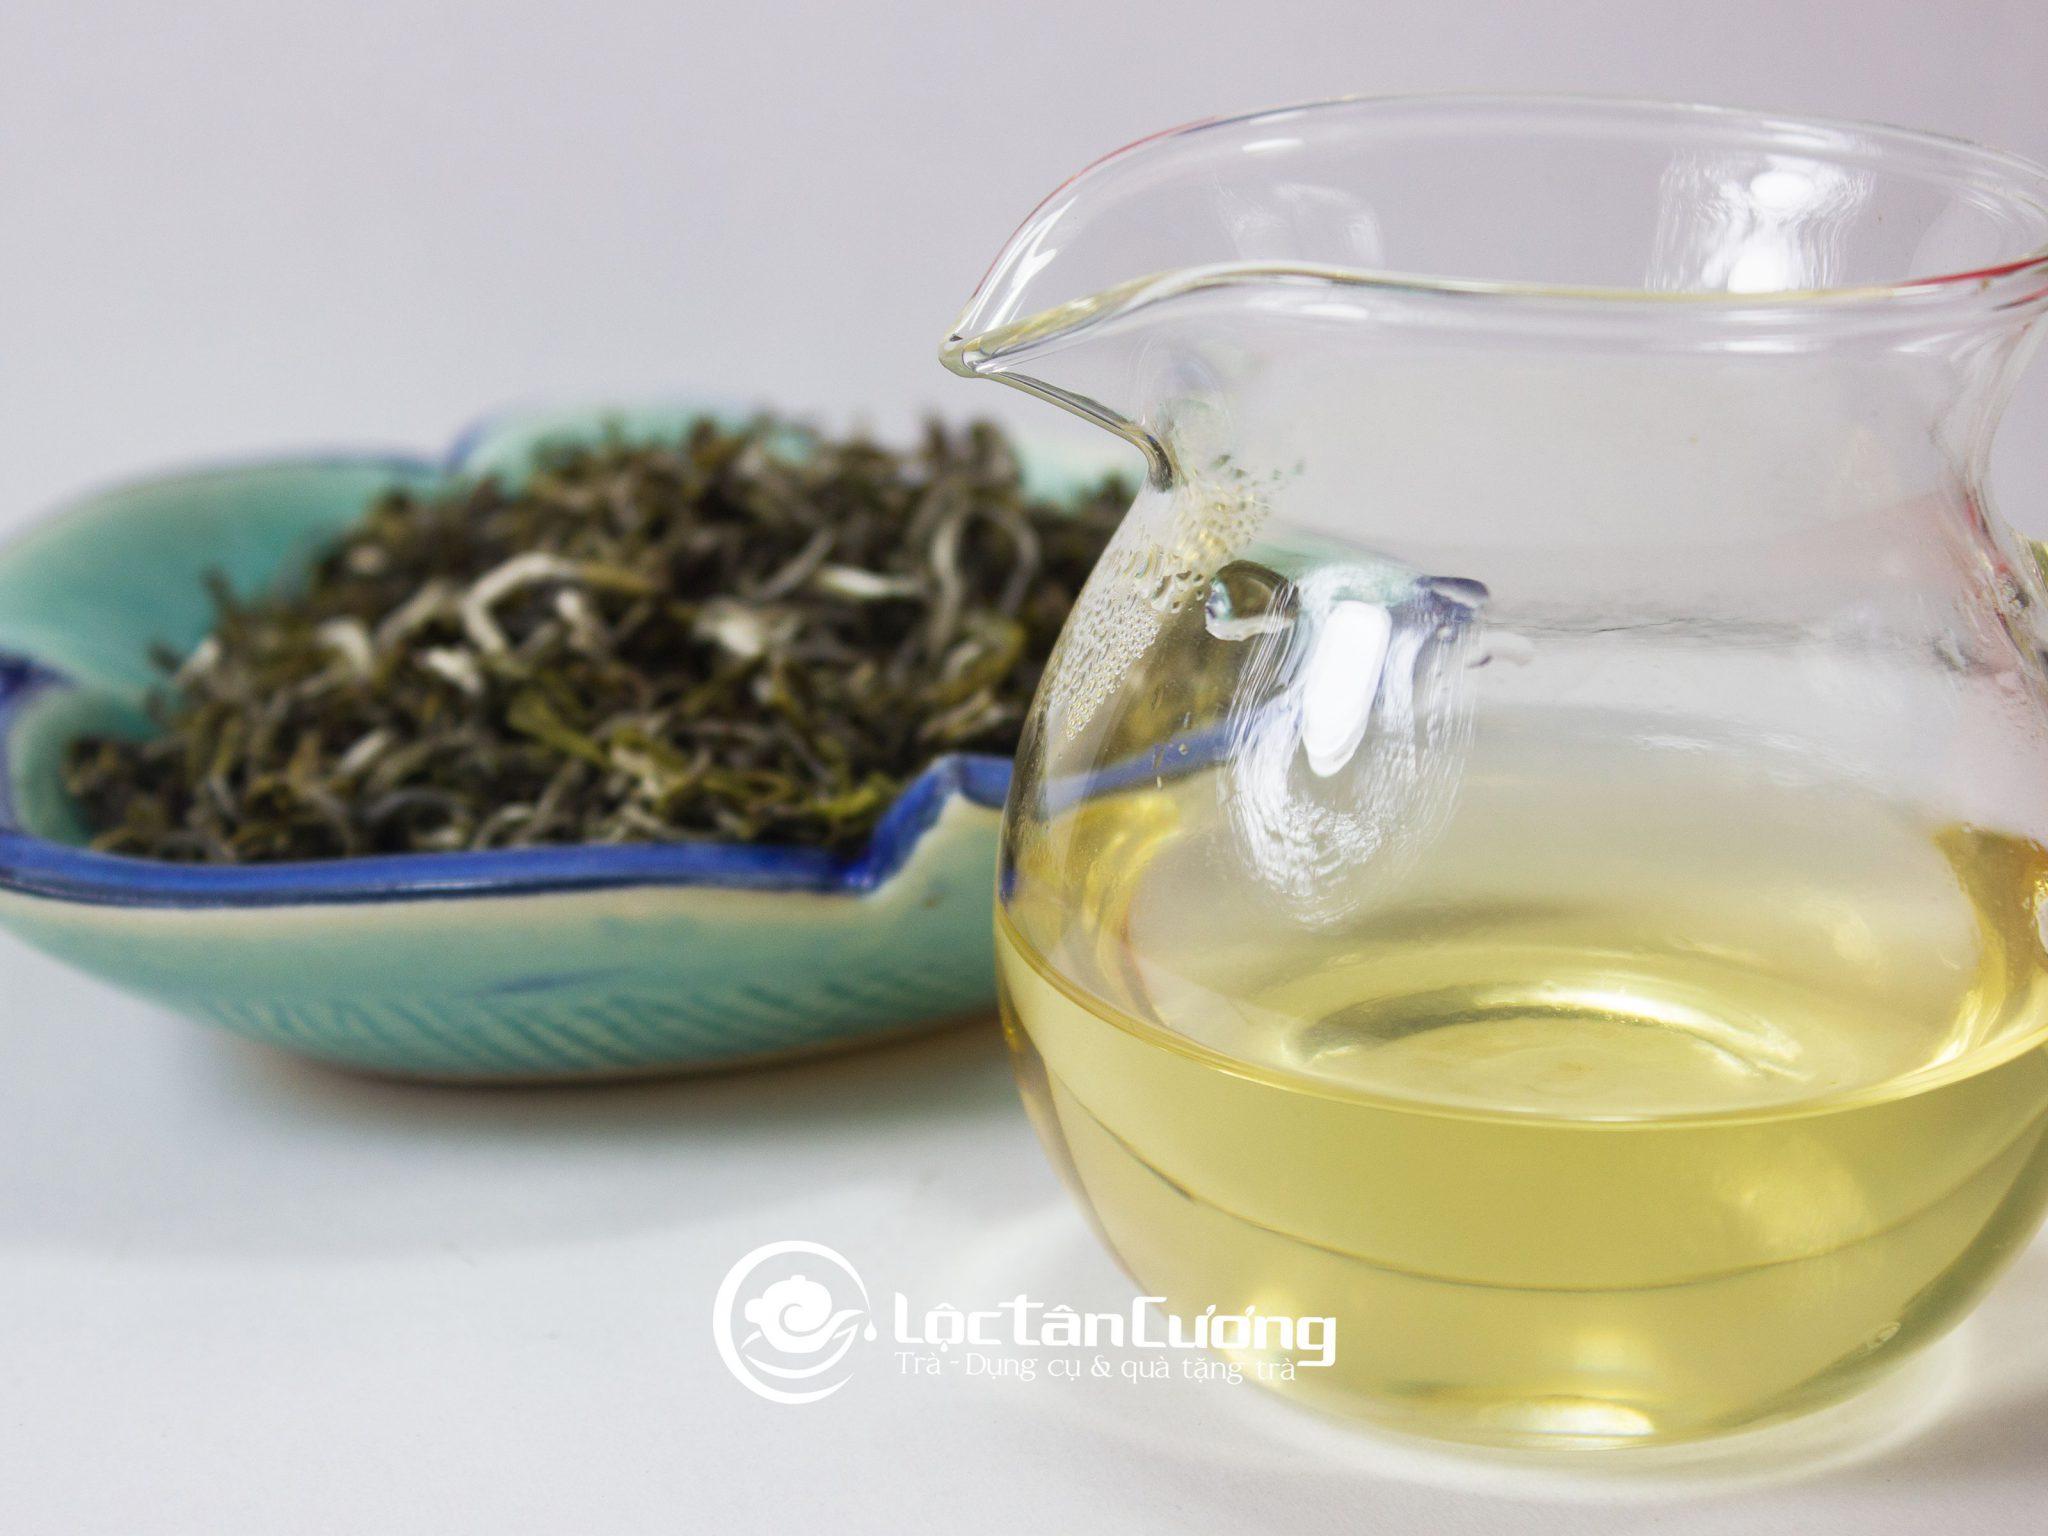 Trà cổ thụ Tà Xùa có màu nước vàng sánh như mật ong